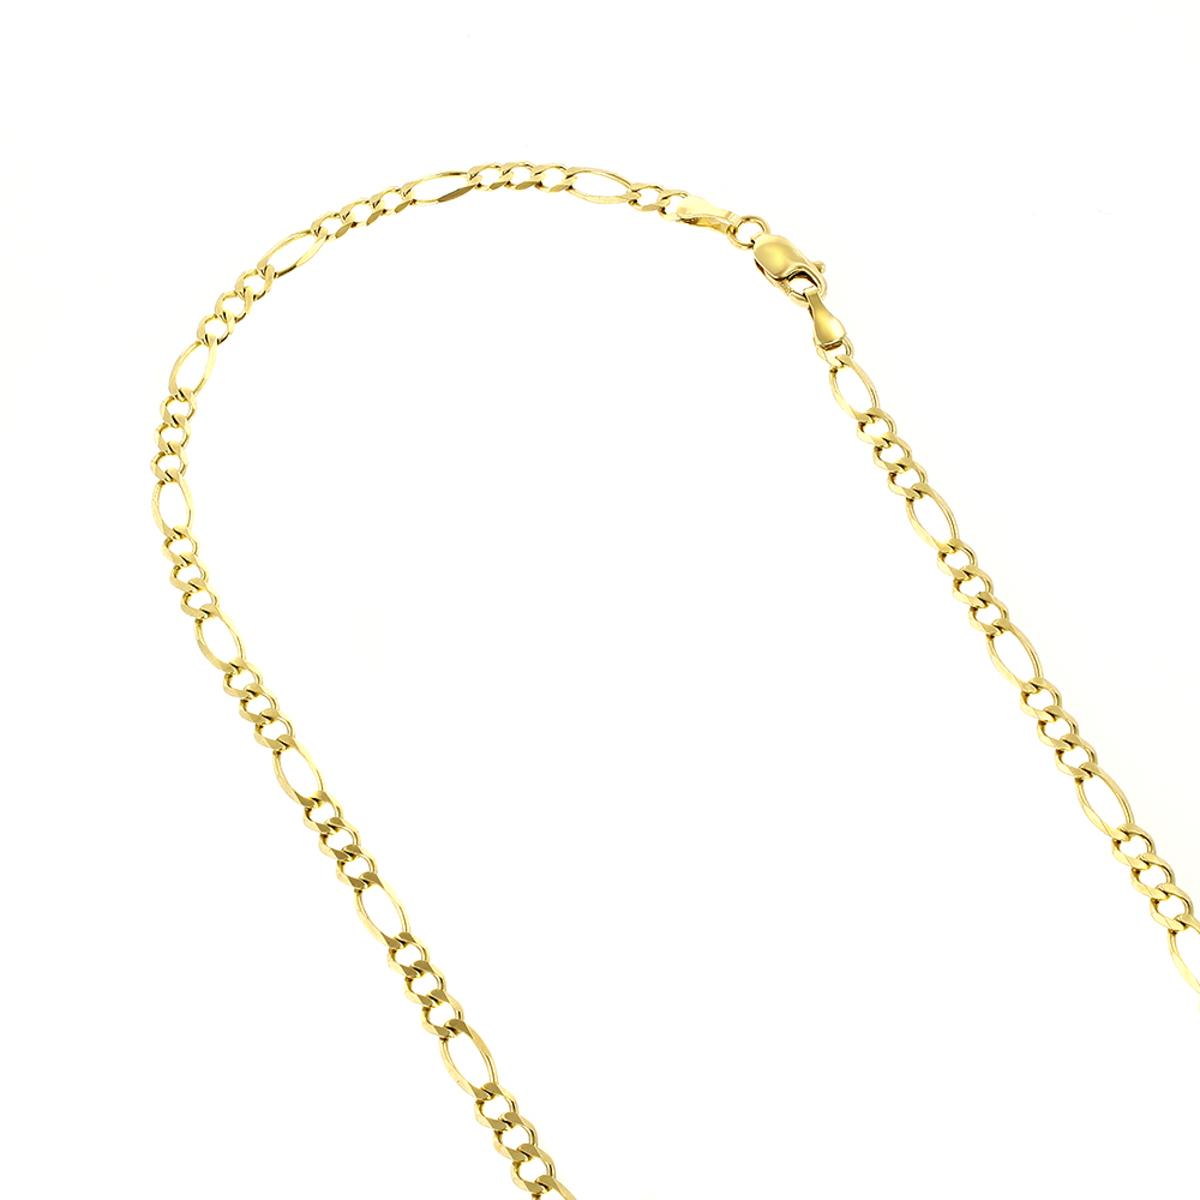 LUXURMAN Solid 14k Gold Figaro Chain For Men & Women 3mm Wide